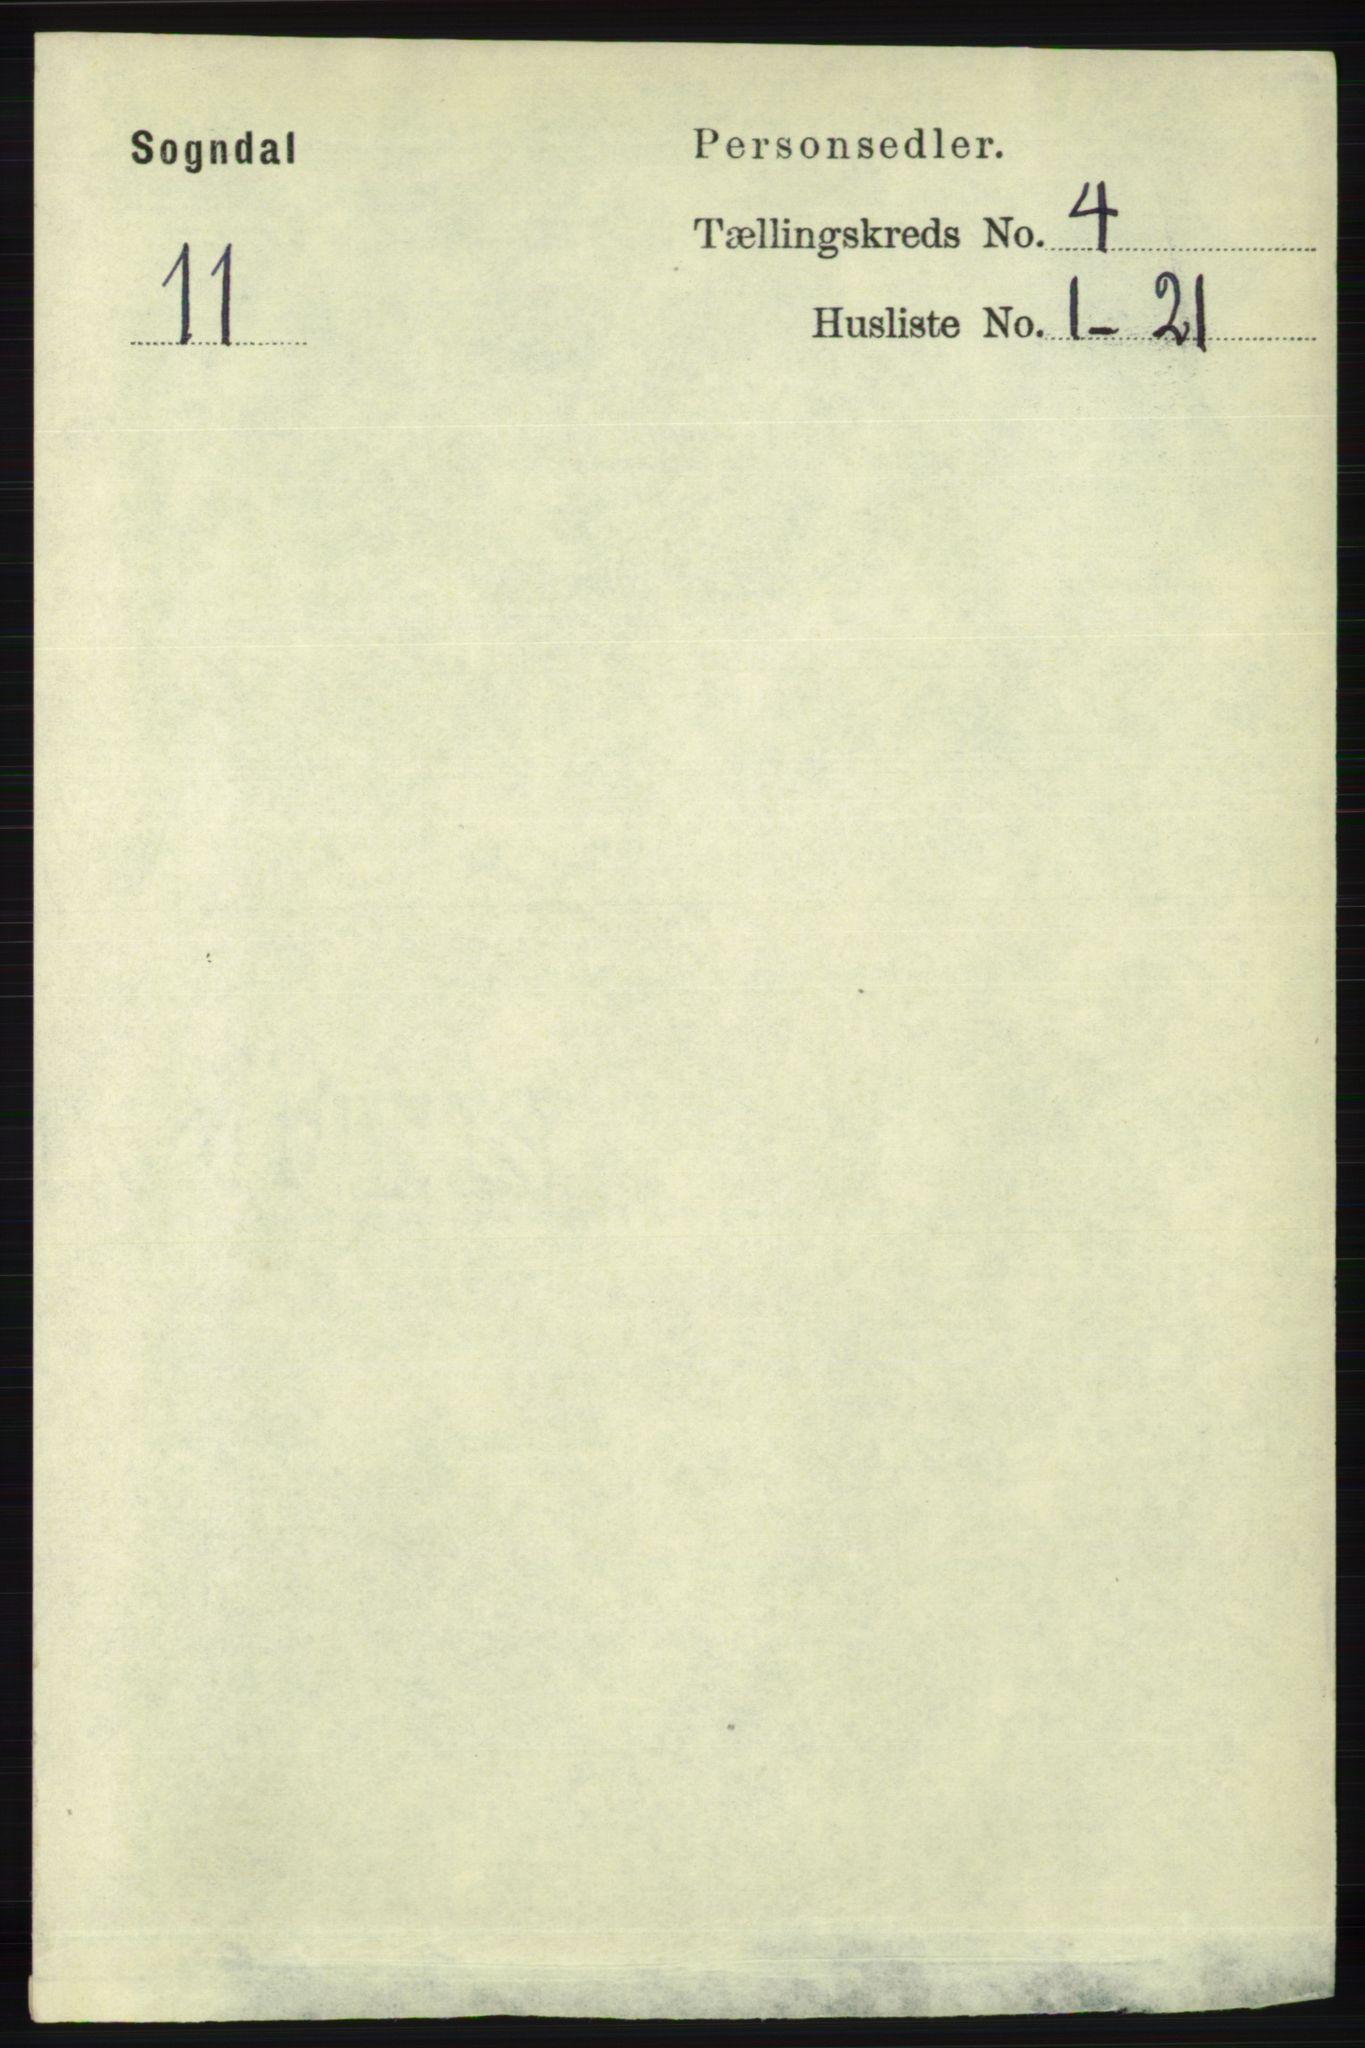 RA, Folketelling 1891 for 1111 Sokndal herred, 1891, s. 1002